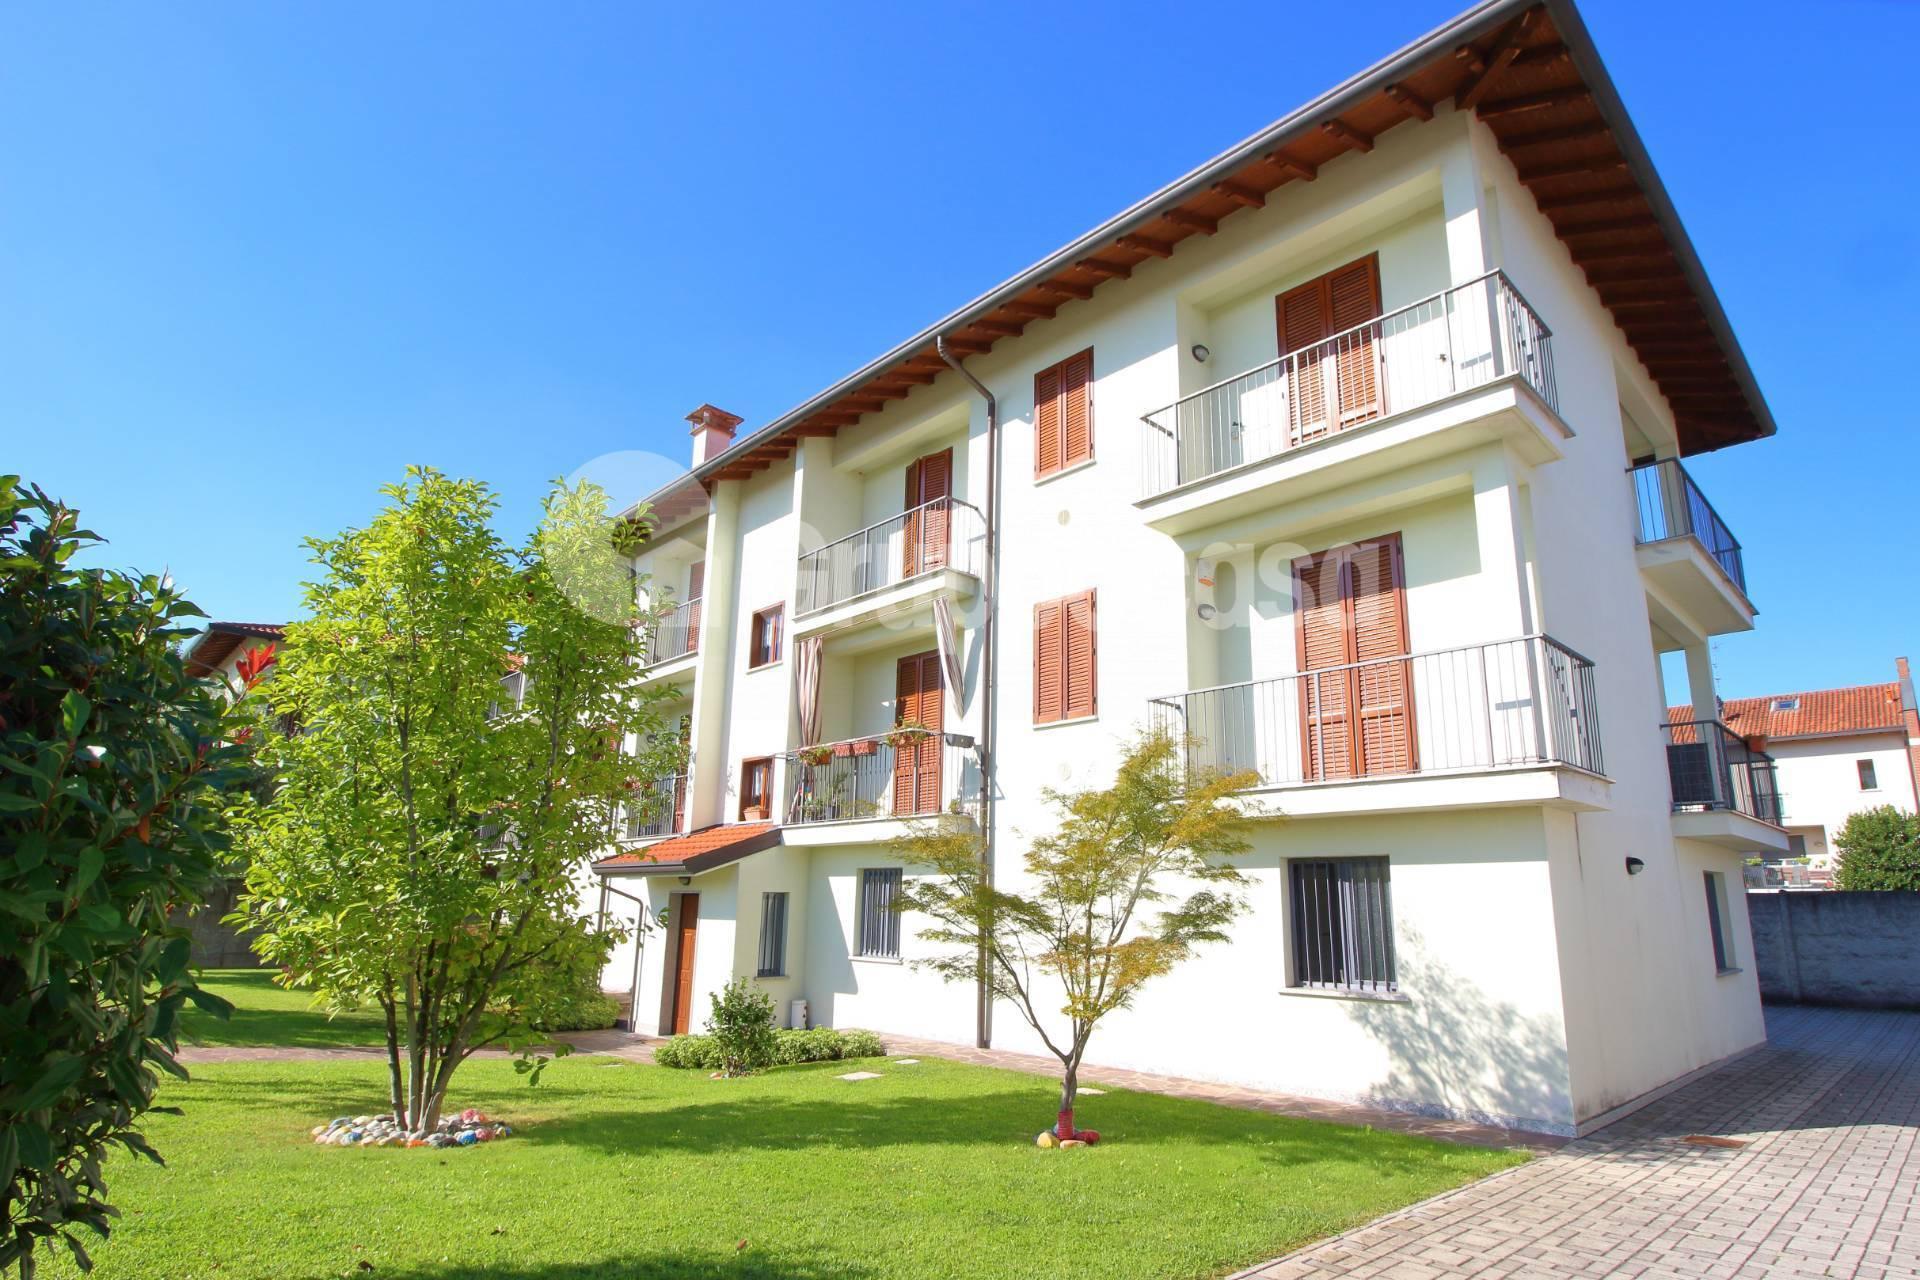 Appartamento in vendita a Casorezzo, 3 locali, prezzo € 148.000 | PortaleAgenzieImmobiliari.it